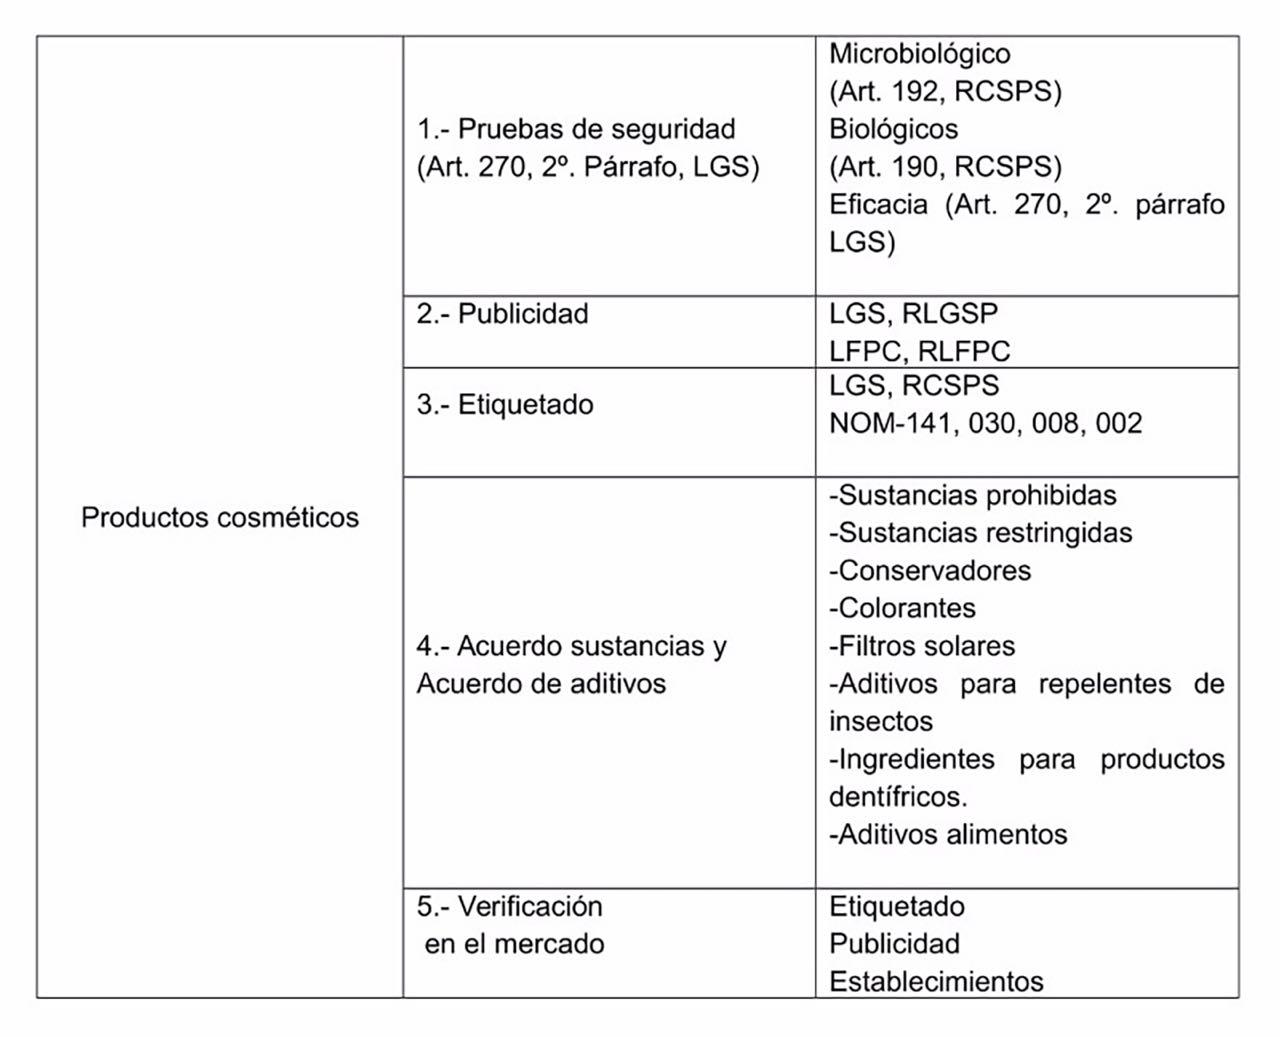 Manuales Legales Cuidado Personal Aspectos Regulatorios